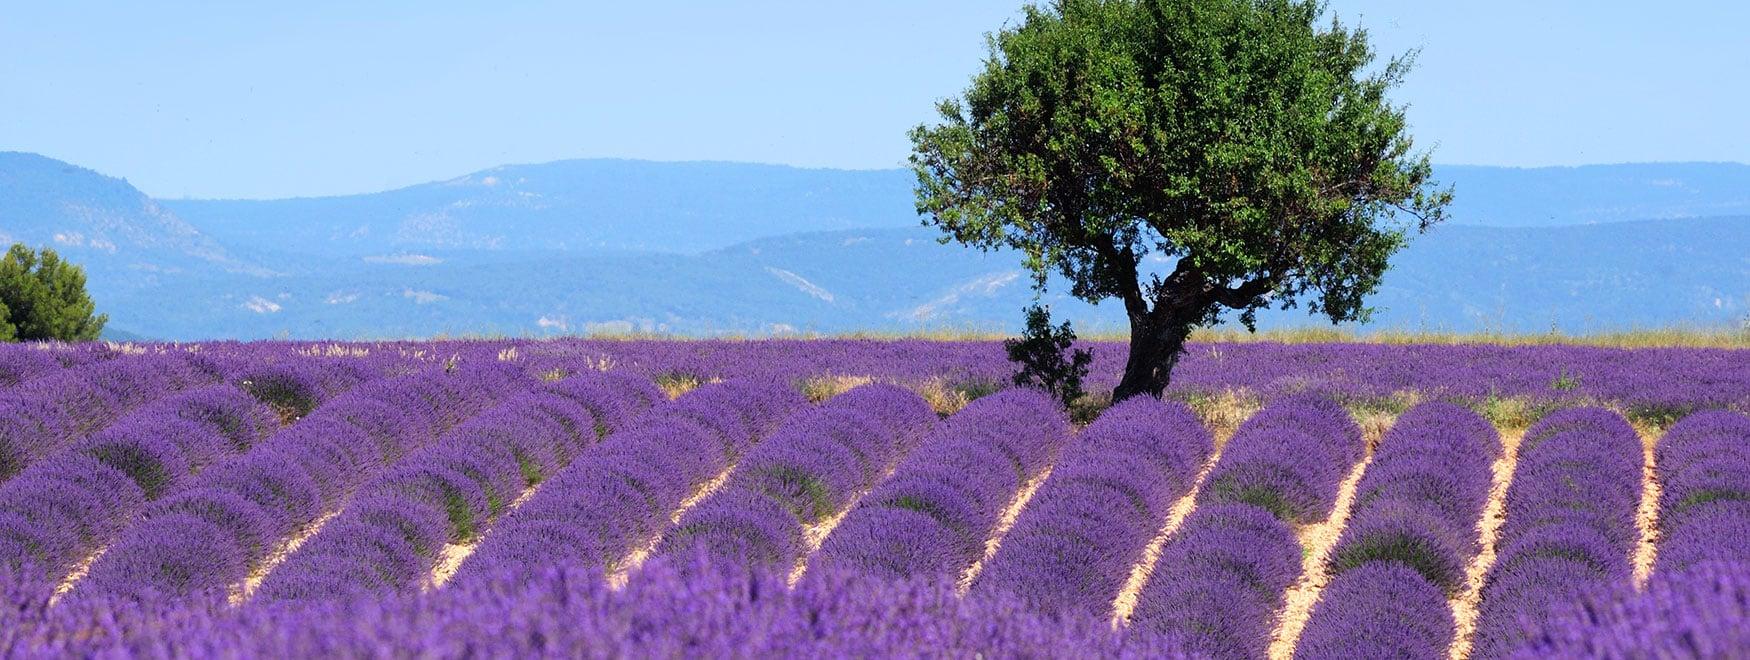 Ausflug in die Provence